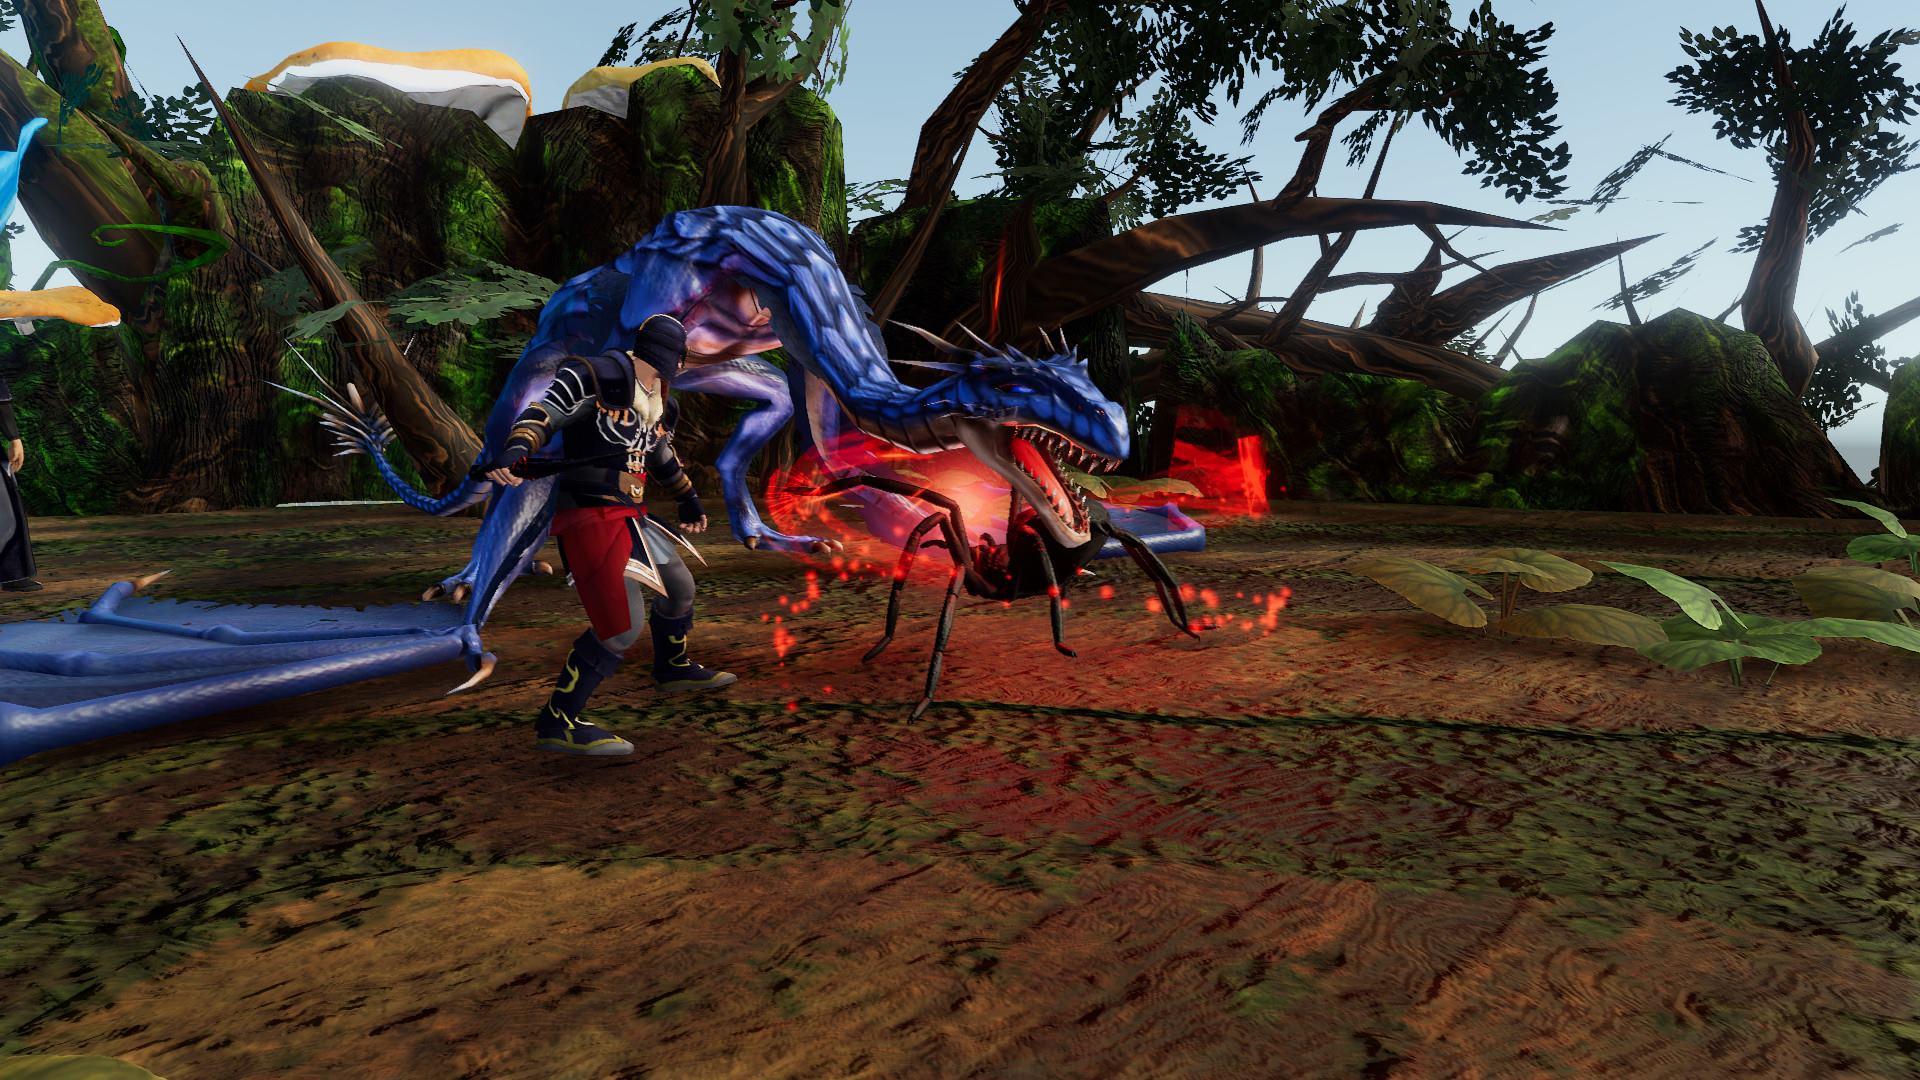 Jetzt wirklich! MMORPG Legends of Aria kommt bald – wir sprachen mit den Entwicklern